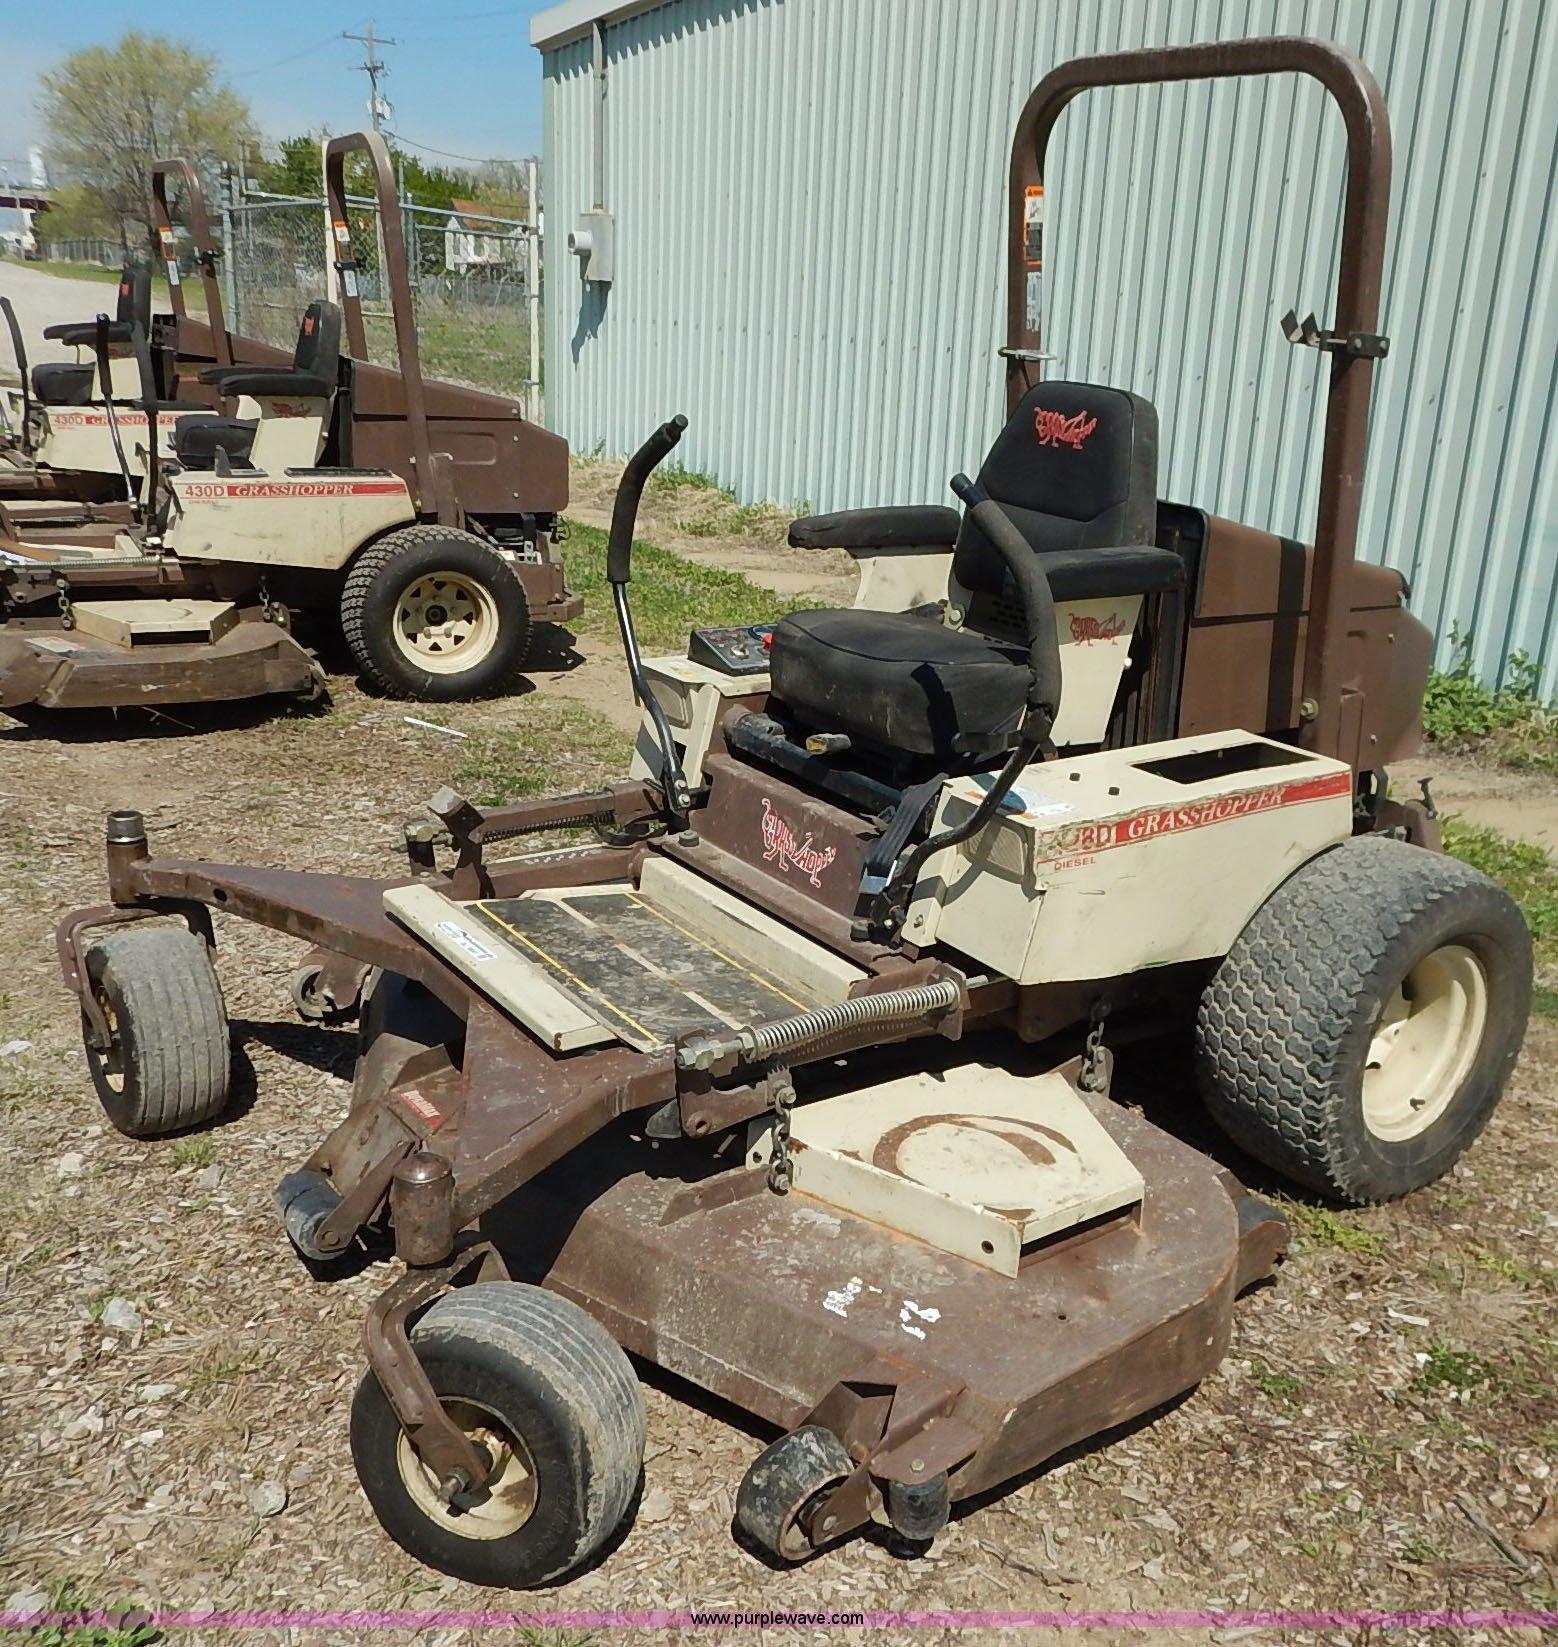 2007 Grasshopper 428D ZTR lawn mower   Item BJ9647   SOLD! A